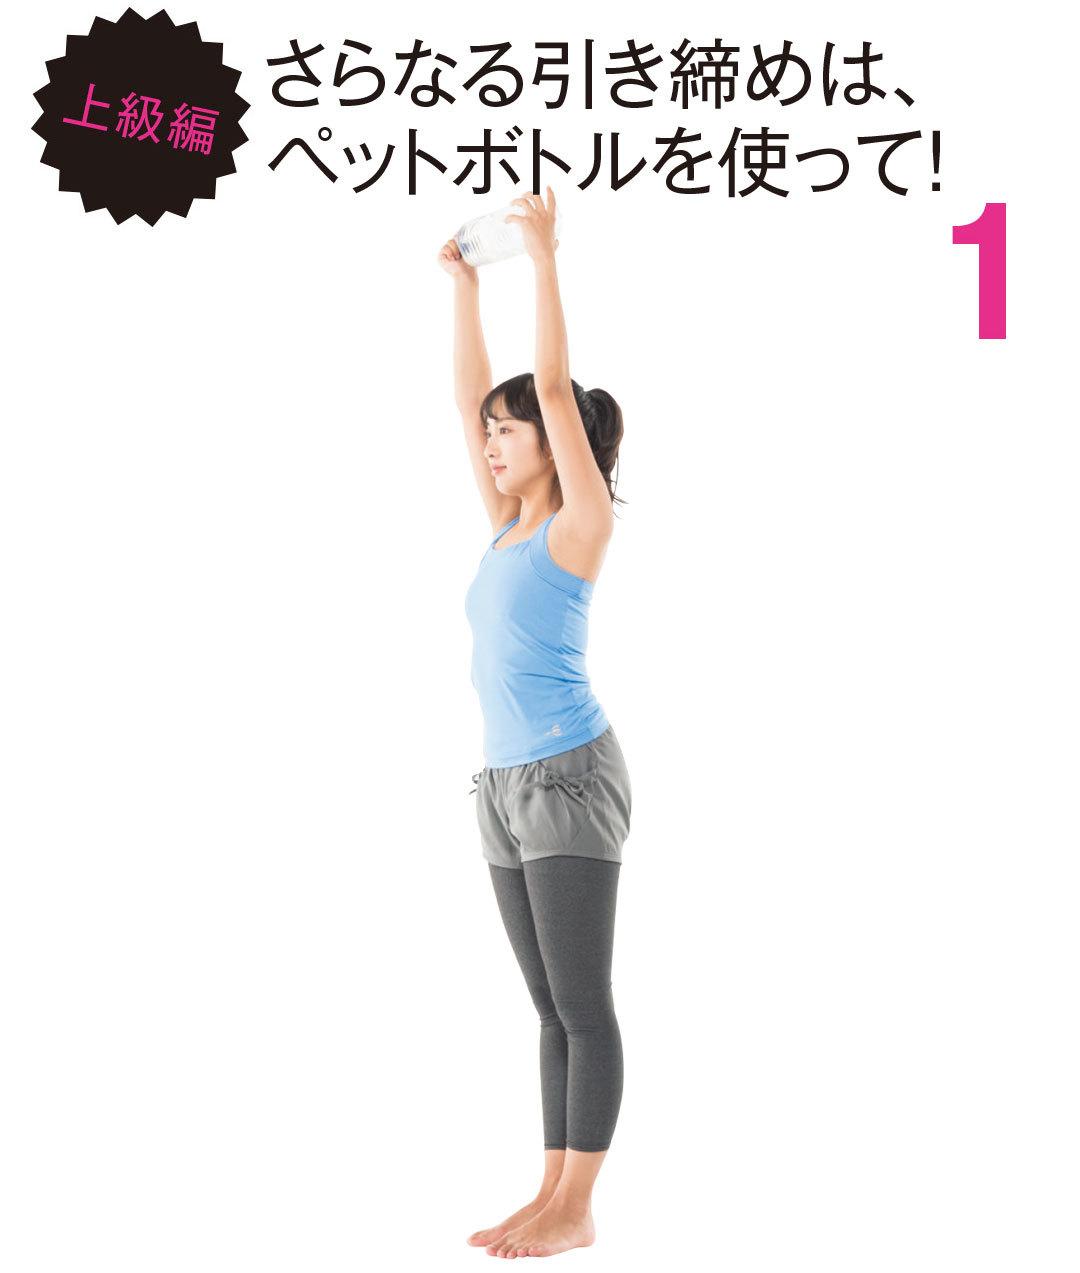 太もも痩せしたい! 1畳スペースでできる簡単筋トレをAYAさんが伝授♡ _1_2-7